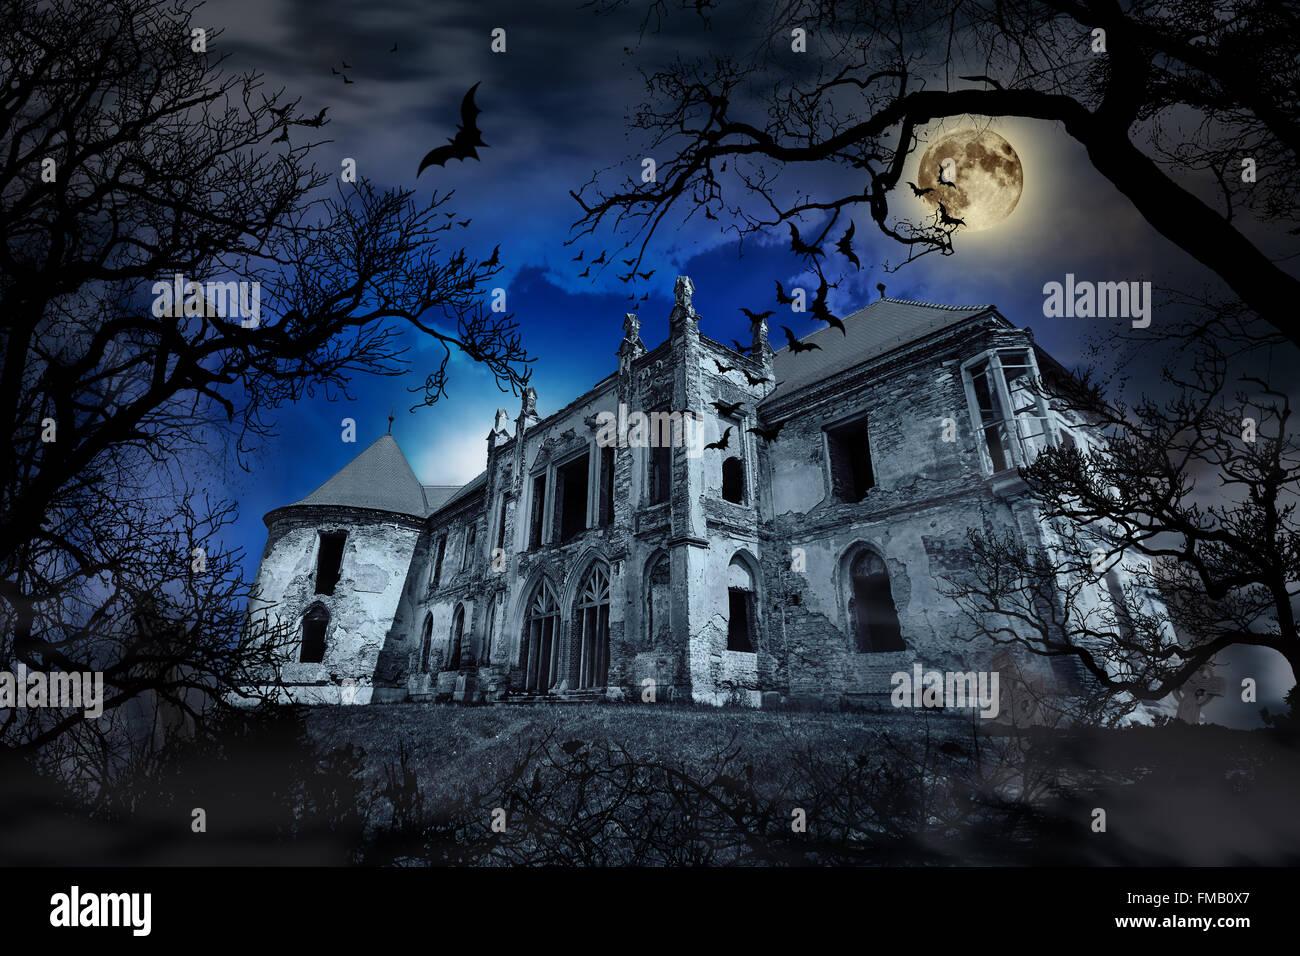 Haunted House in creepy sfondo velato con sagome ad albero. Immagini Stock